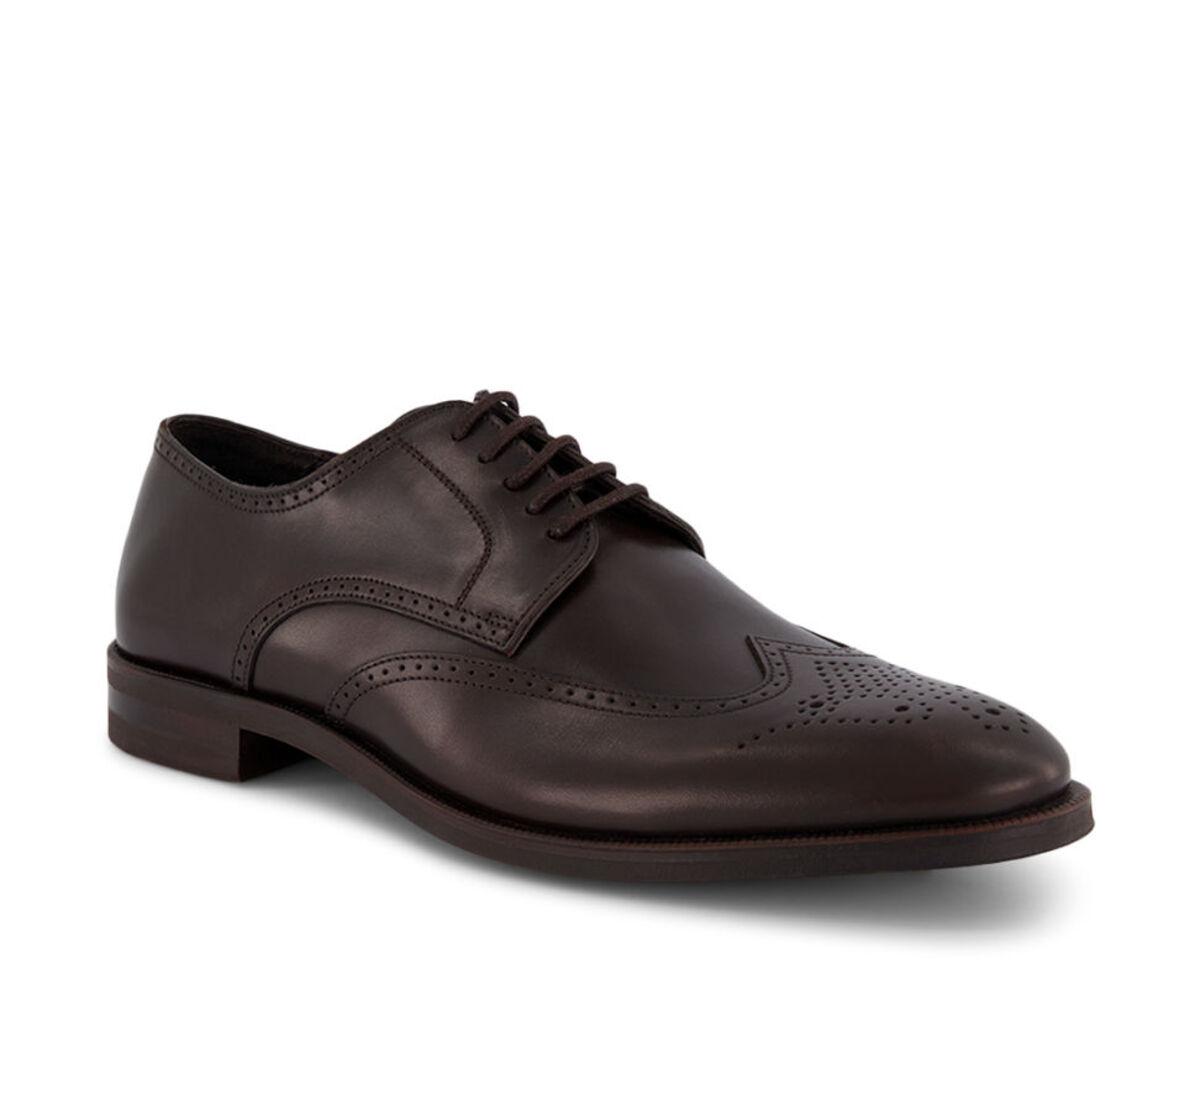 Bild 1 von Mathew & Son Business-Schuh